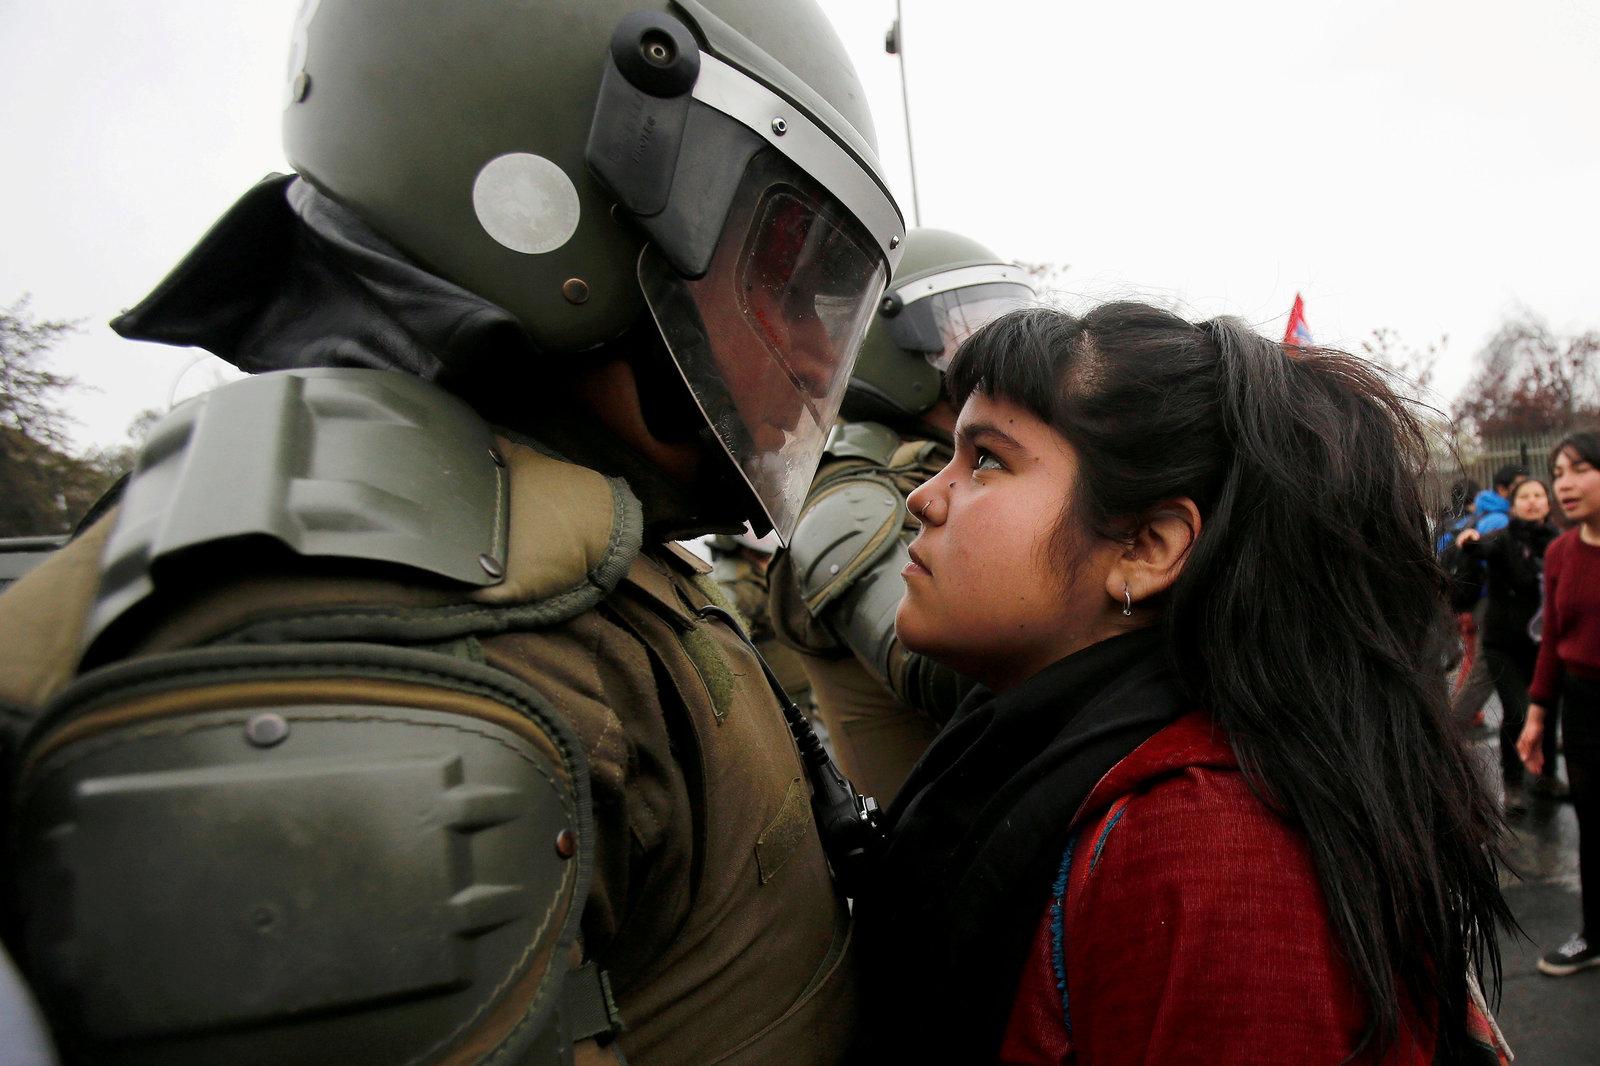 9 月 11 日,智利舉行軍事政變 43 週年紀念遊行,一名示威者緊盯著防暴警察。